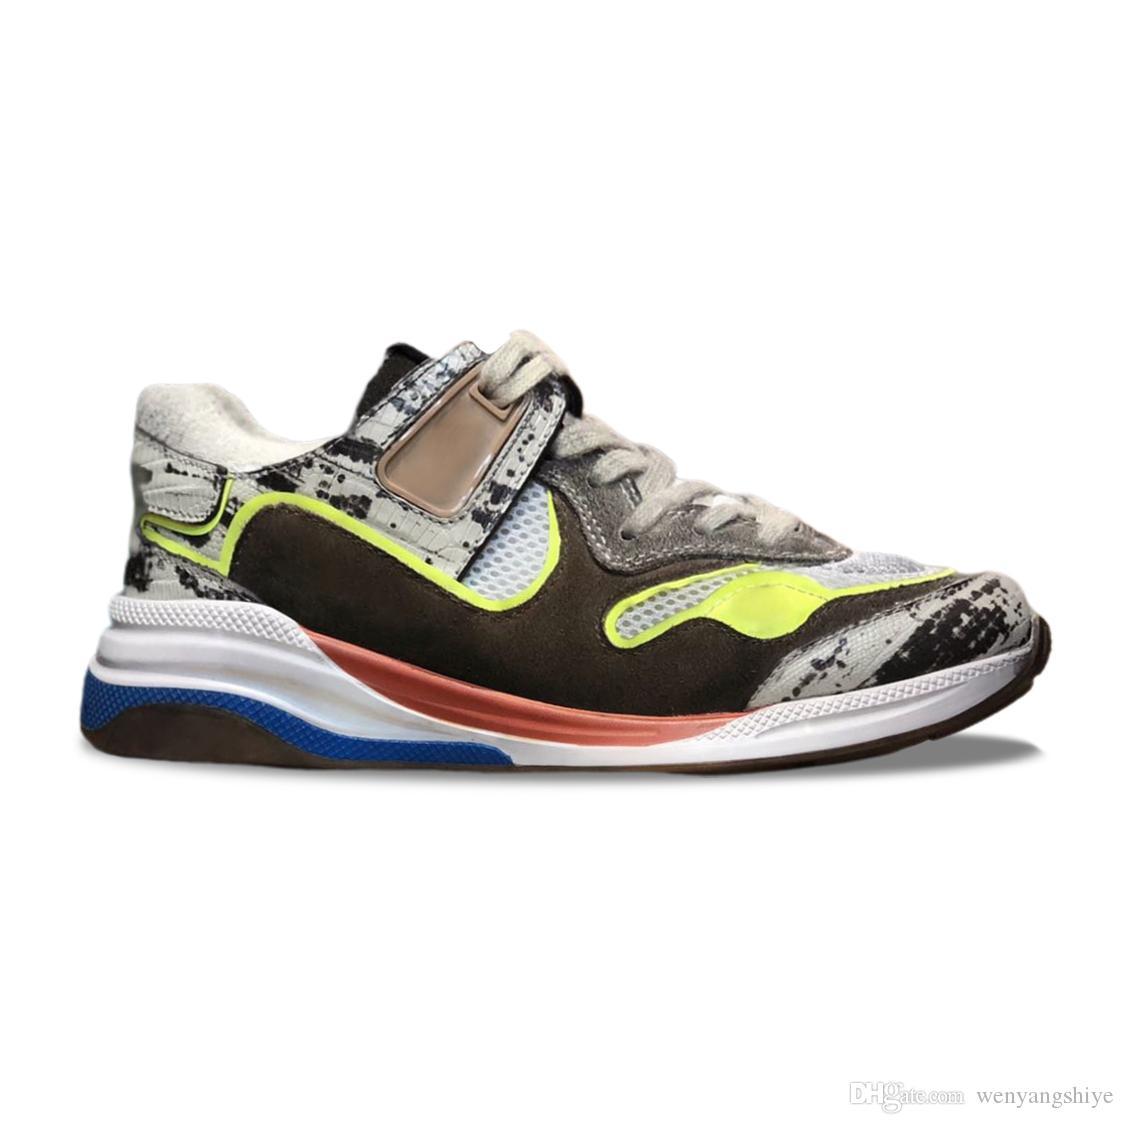 2019 outono e inverno novo impermeável cor exterior Matching Old Lagarto couro Sports Shoes homens e mulheres com os mesmos sapatos